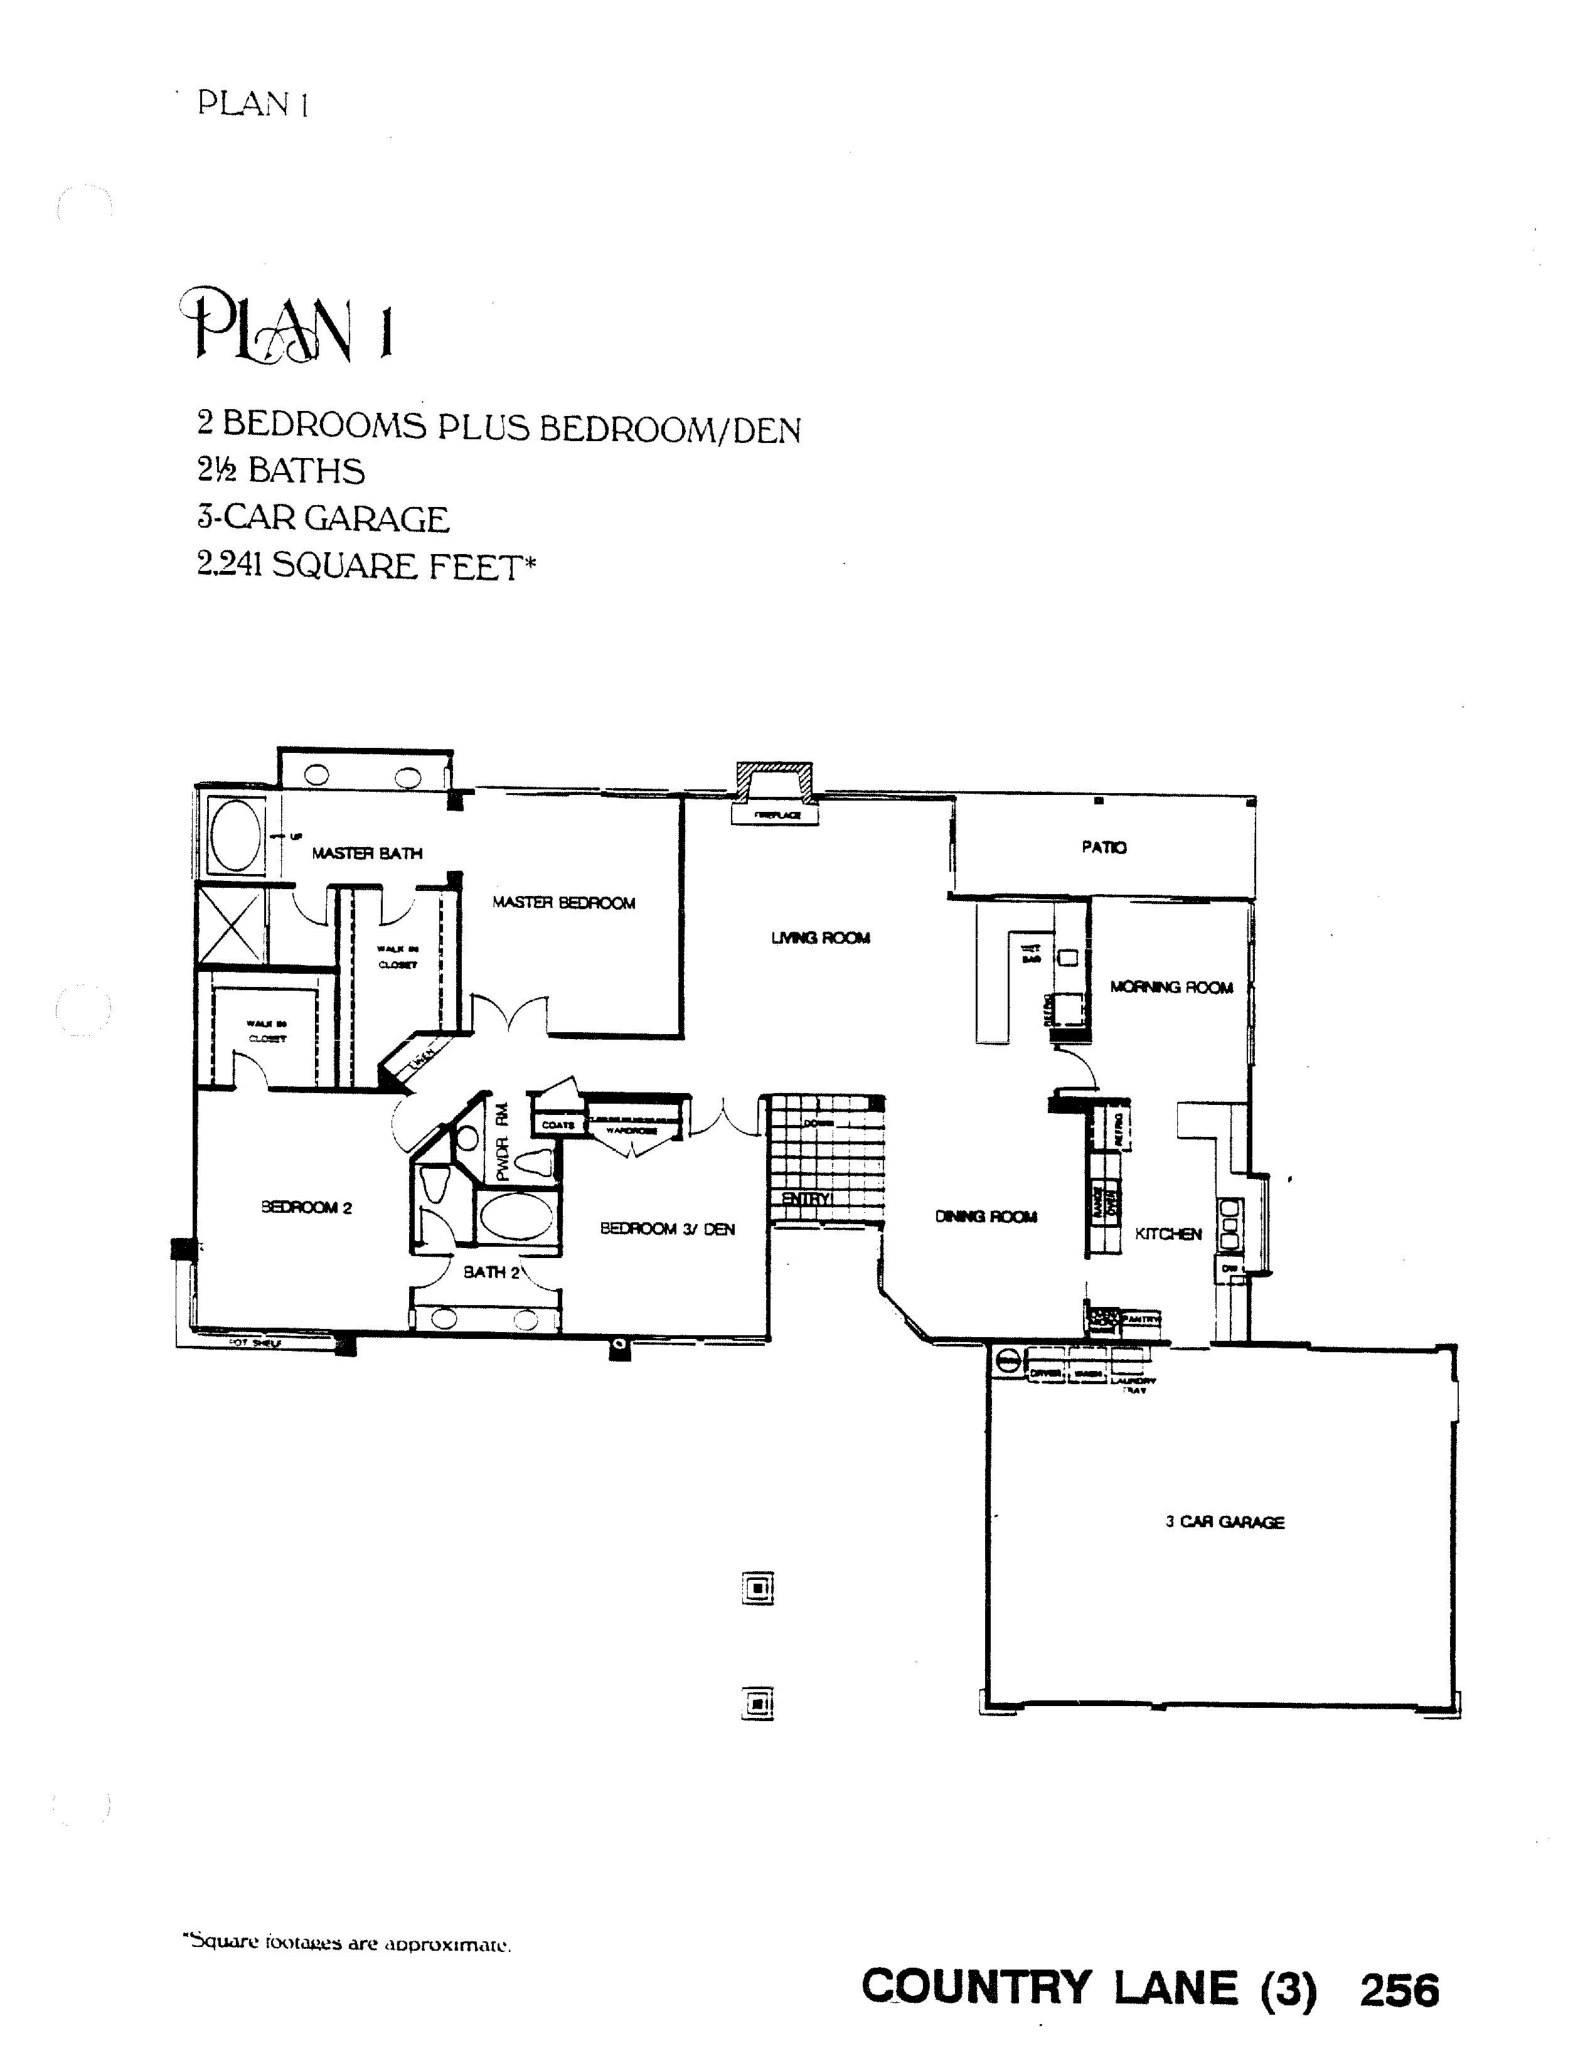 Country Lane - Plan 1